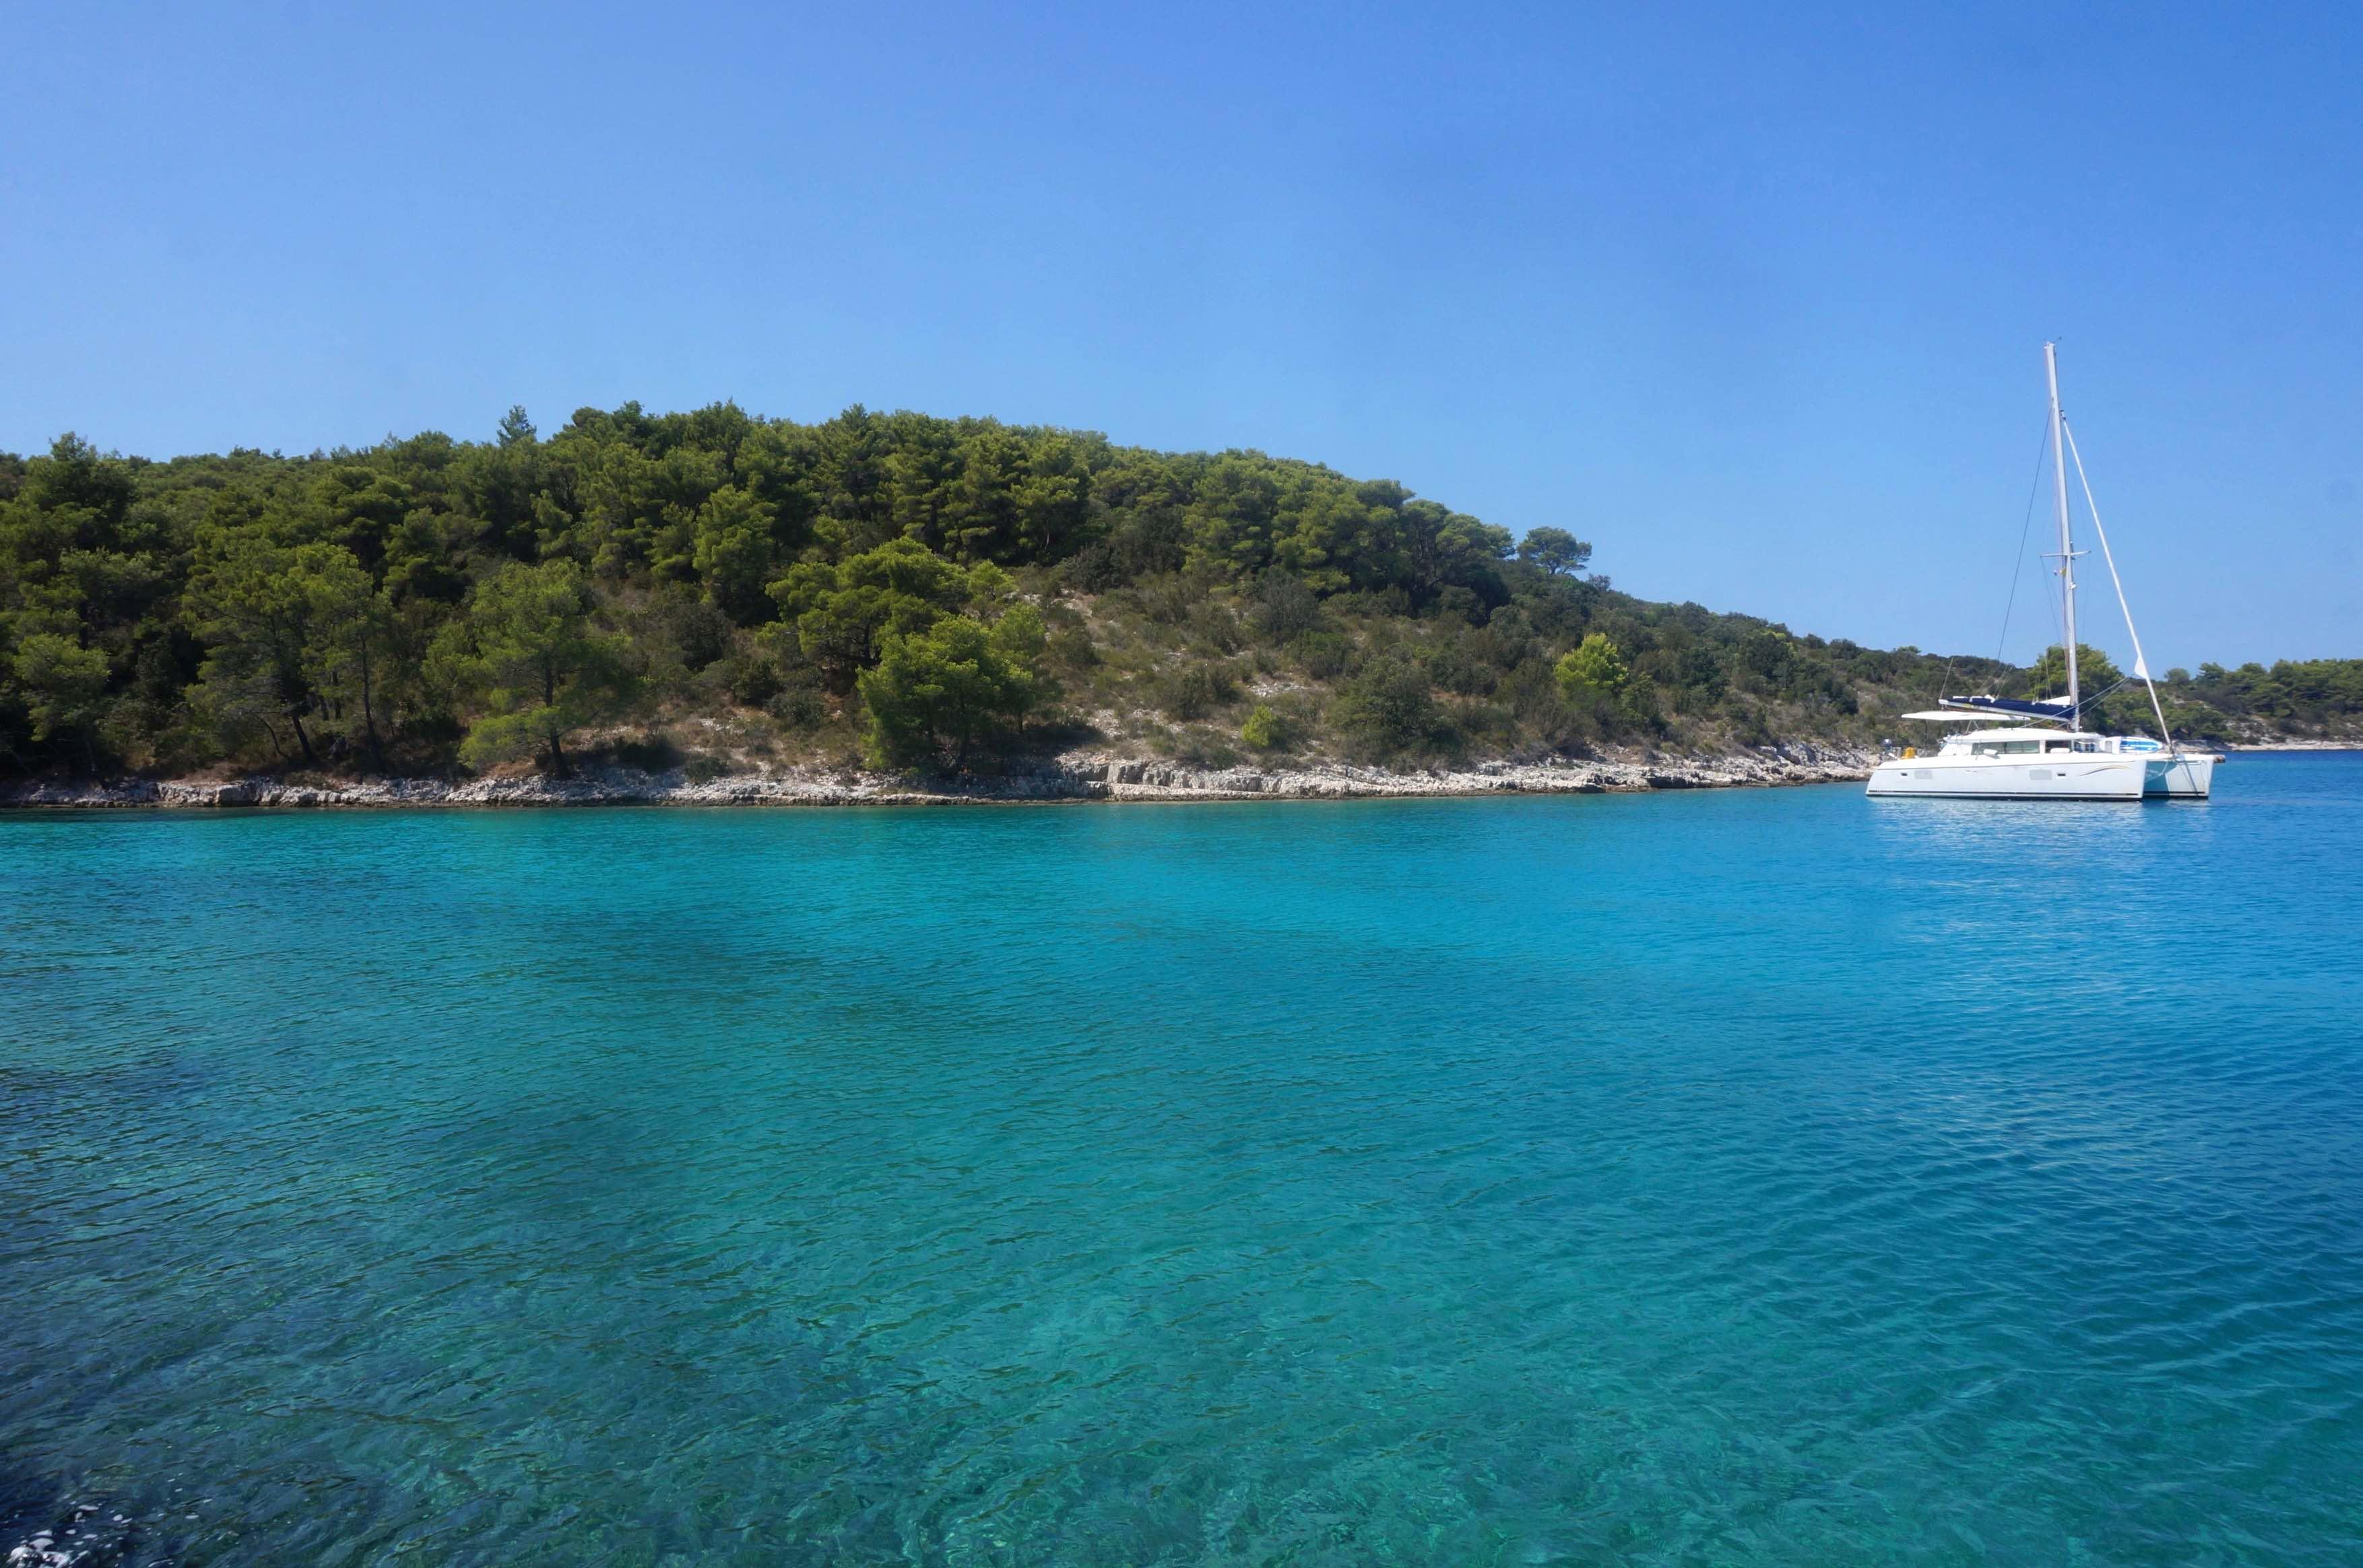 île de hvar, croatie, presqu'île de Kabal